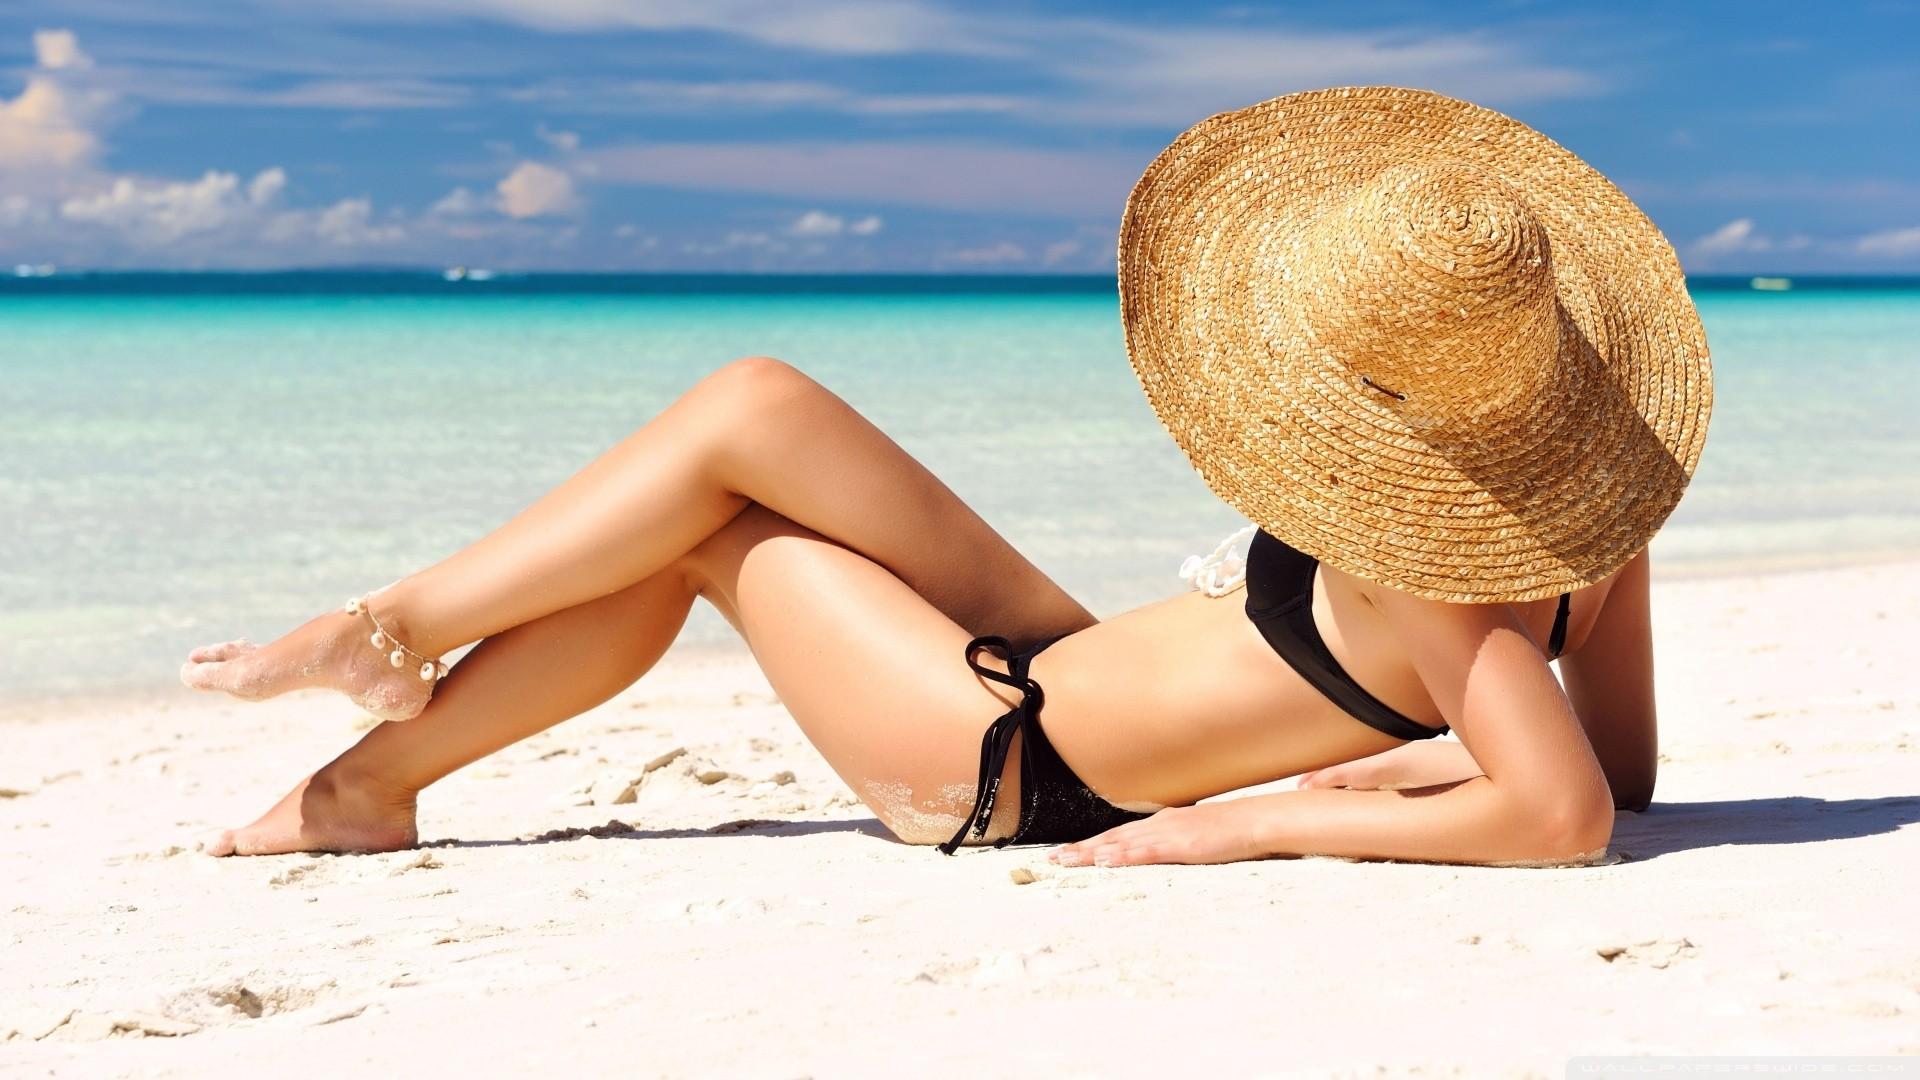 Beach Girls Background Images HD Wallpaper Download Beach Girls